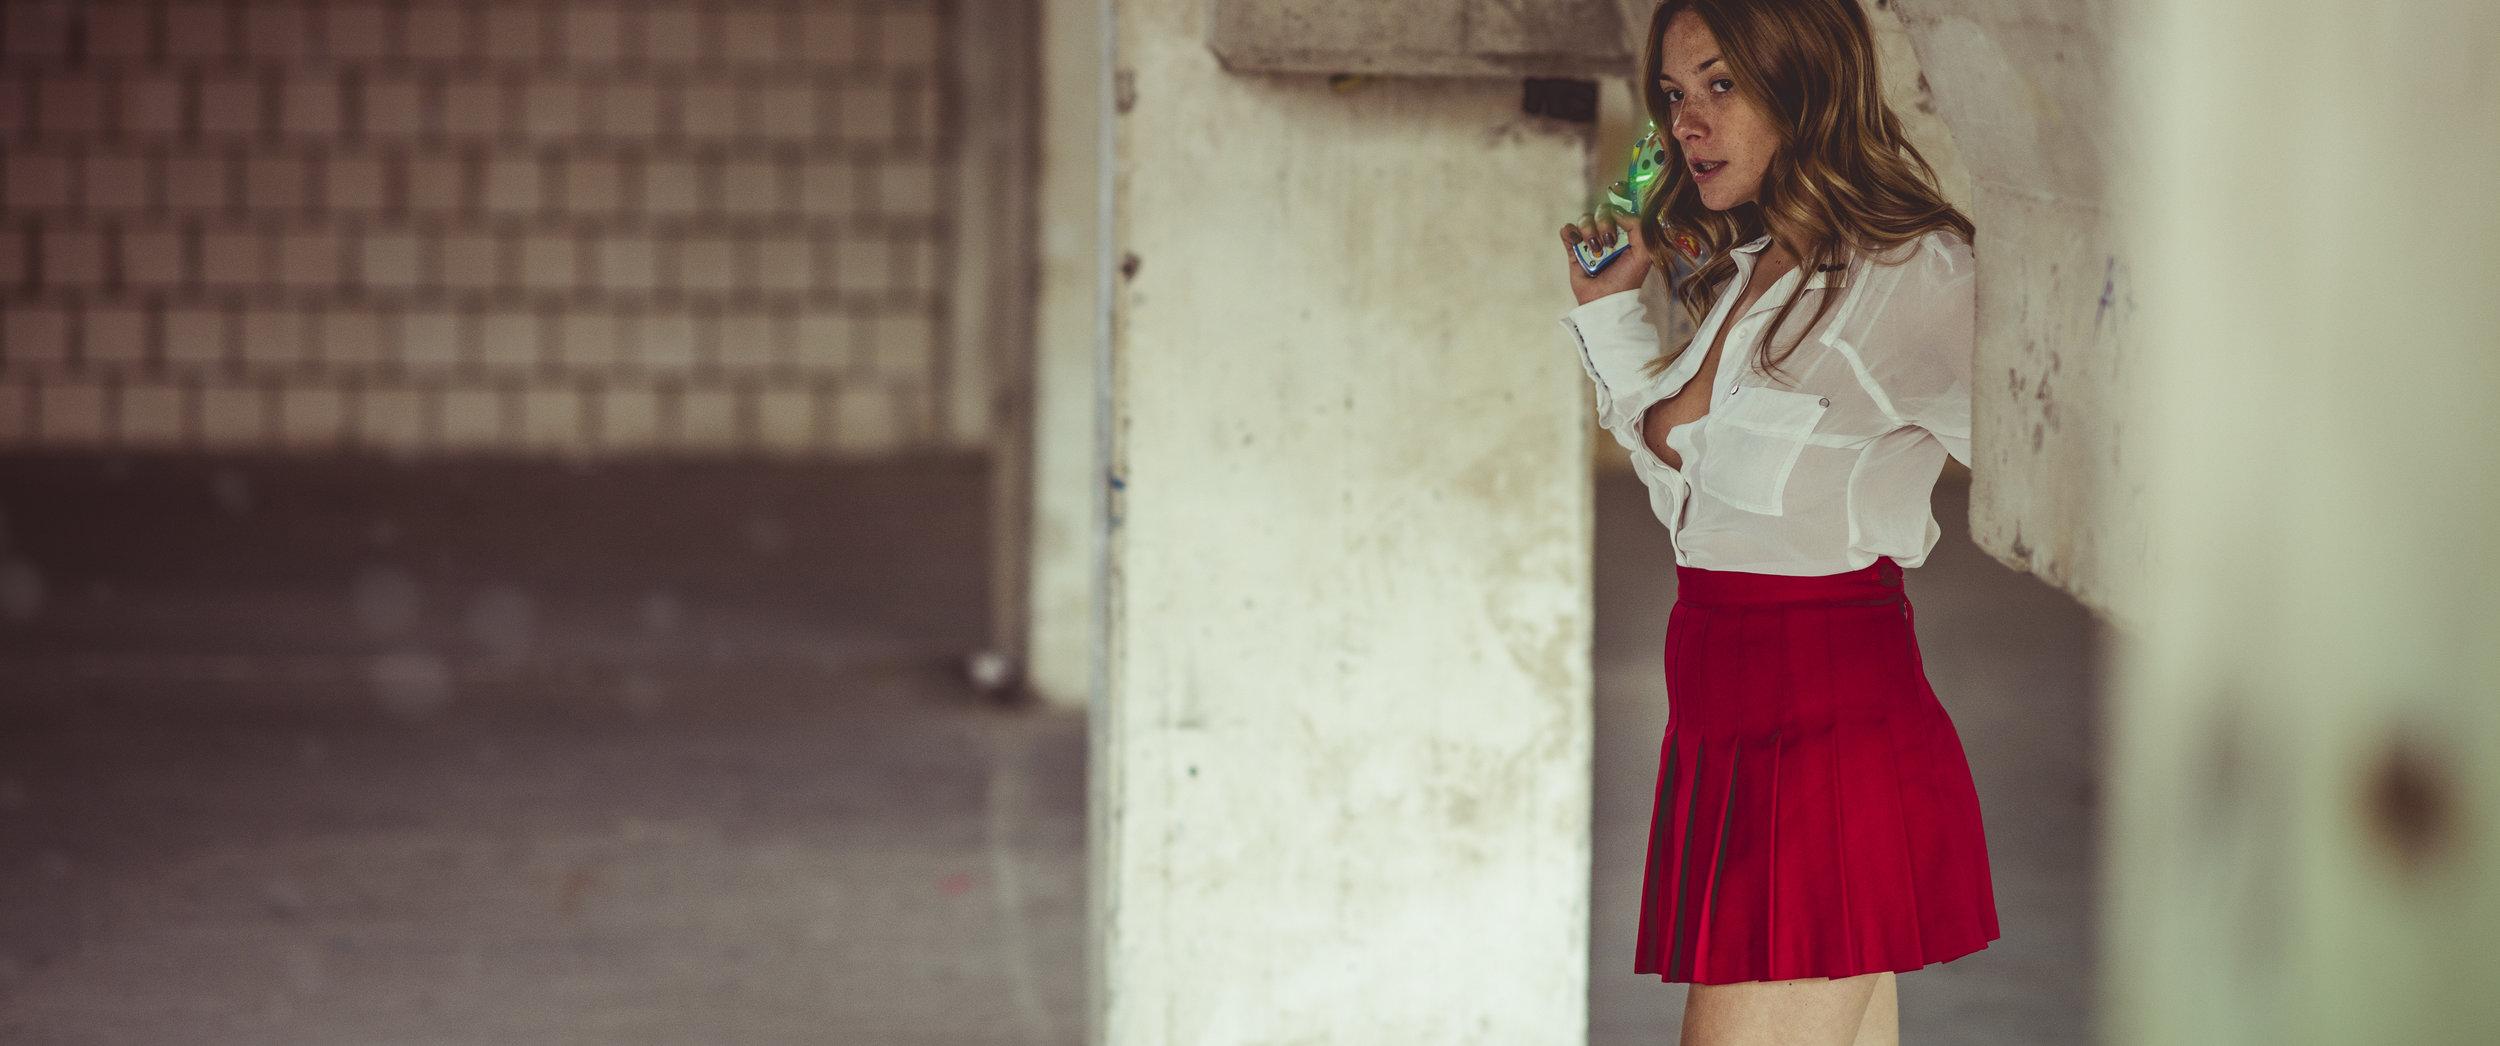 Olga_SciFi-9